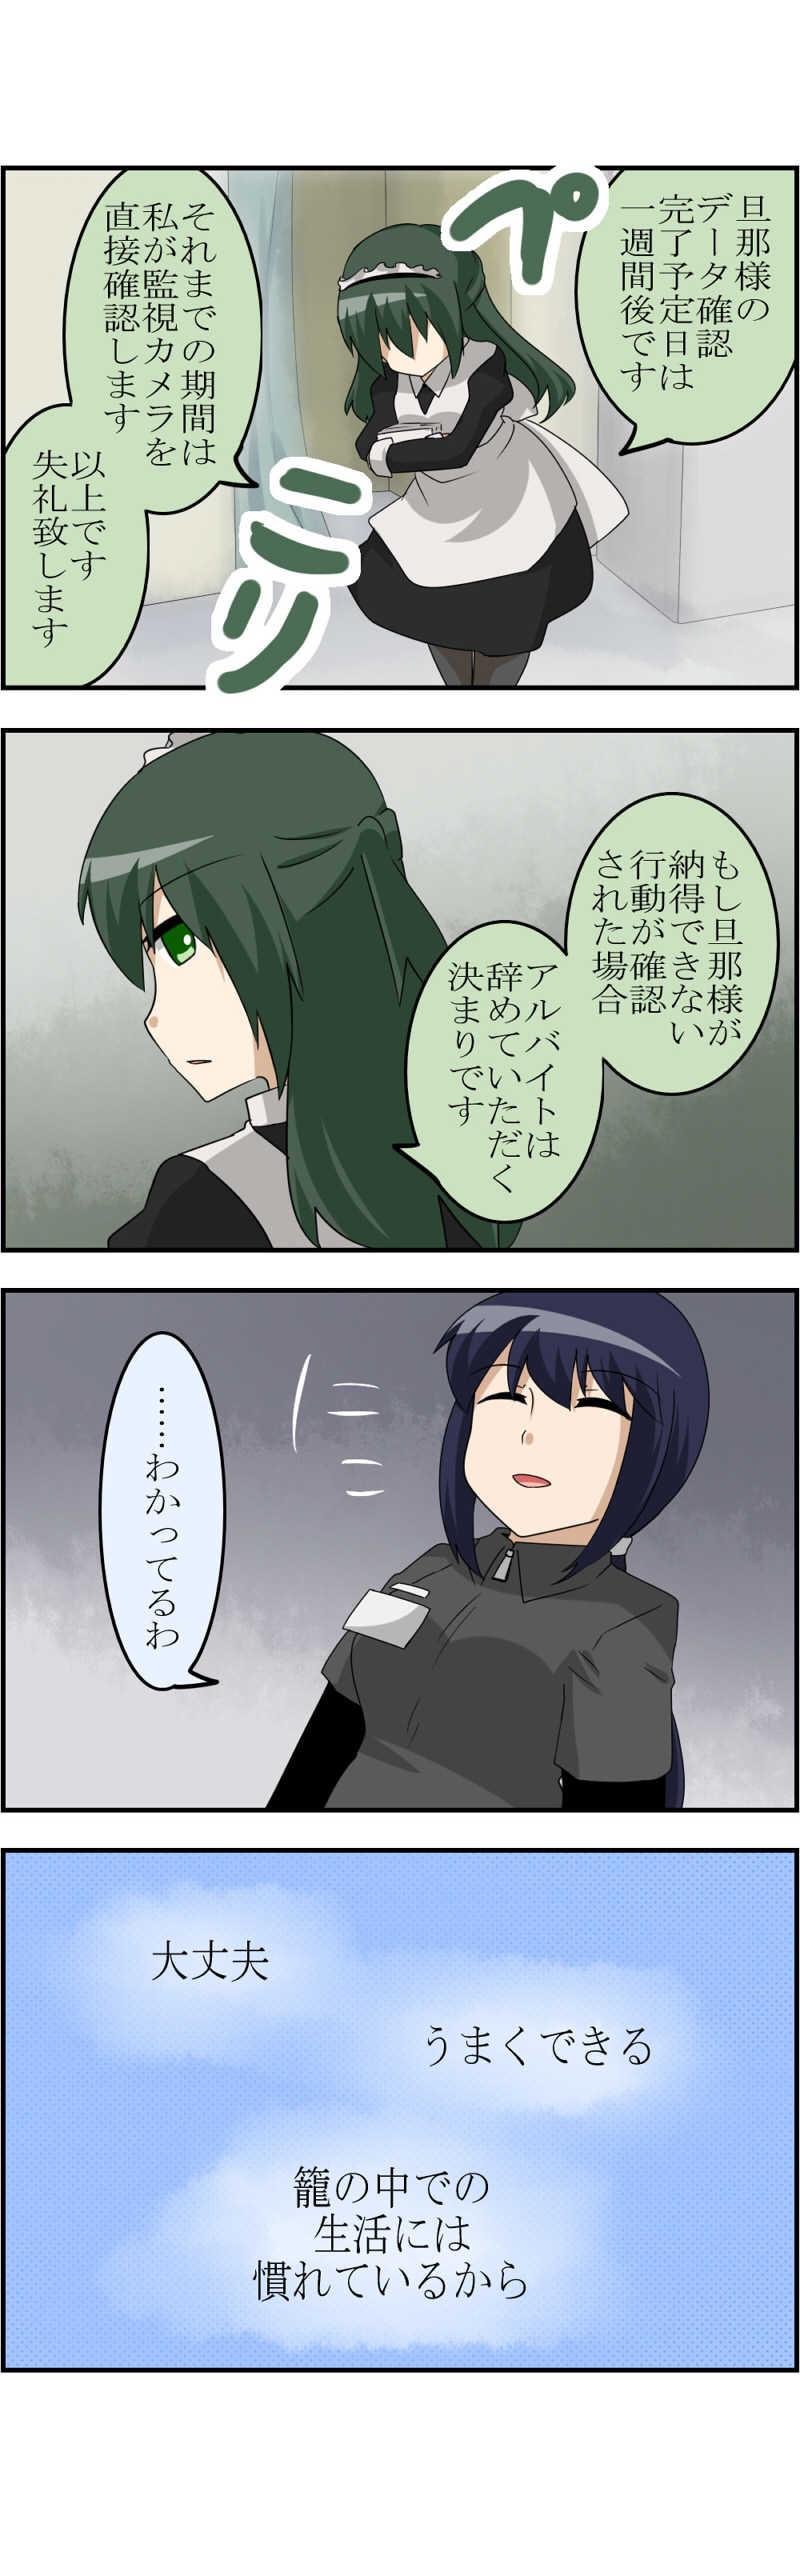 第31話「ハートフルフレンズ①」